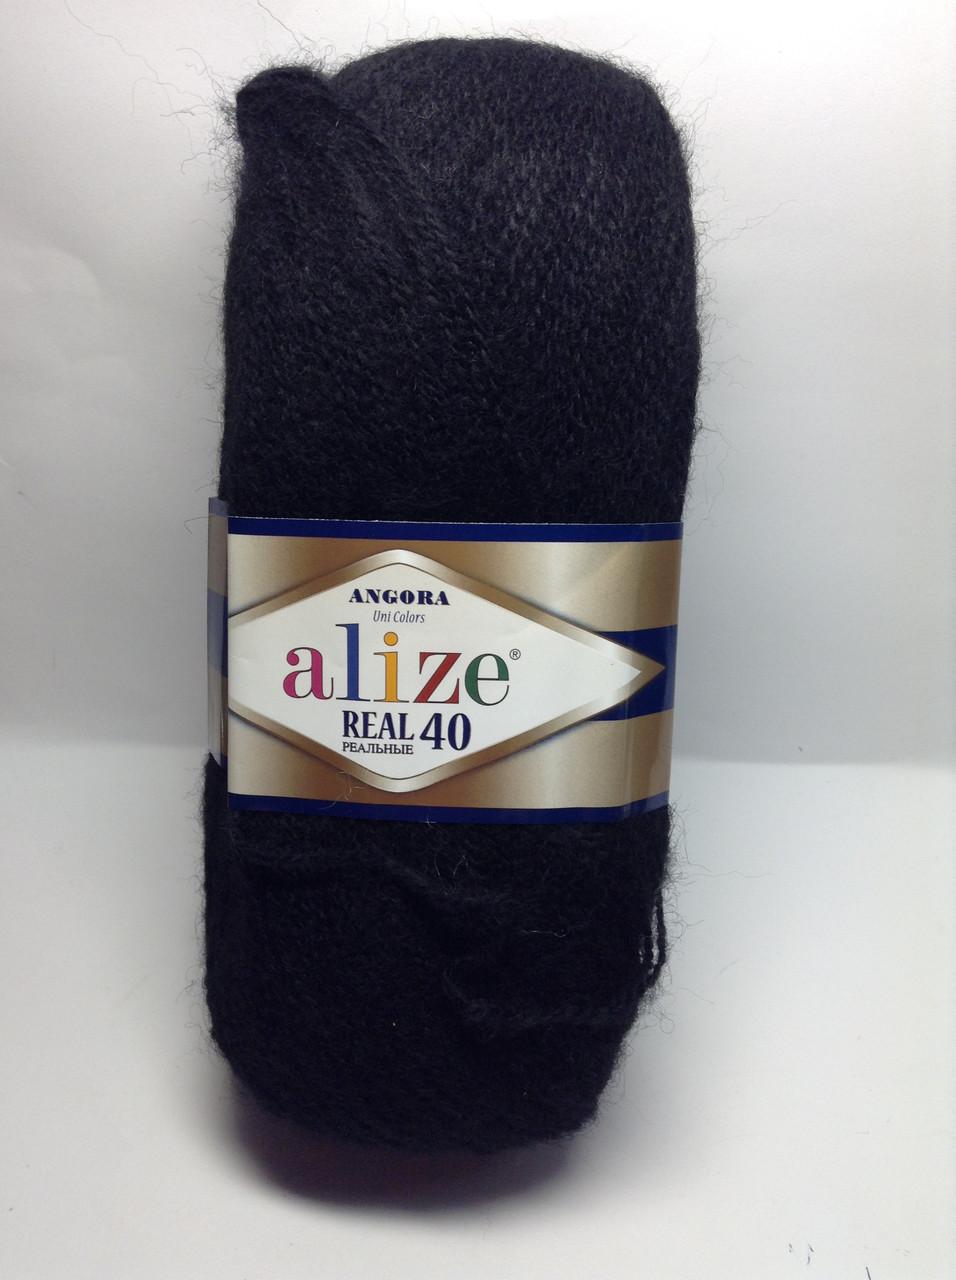 Пряжа angora real 40 Alize